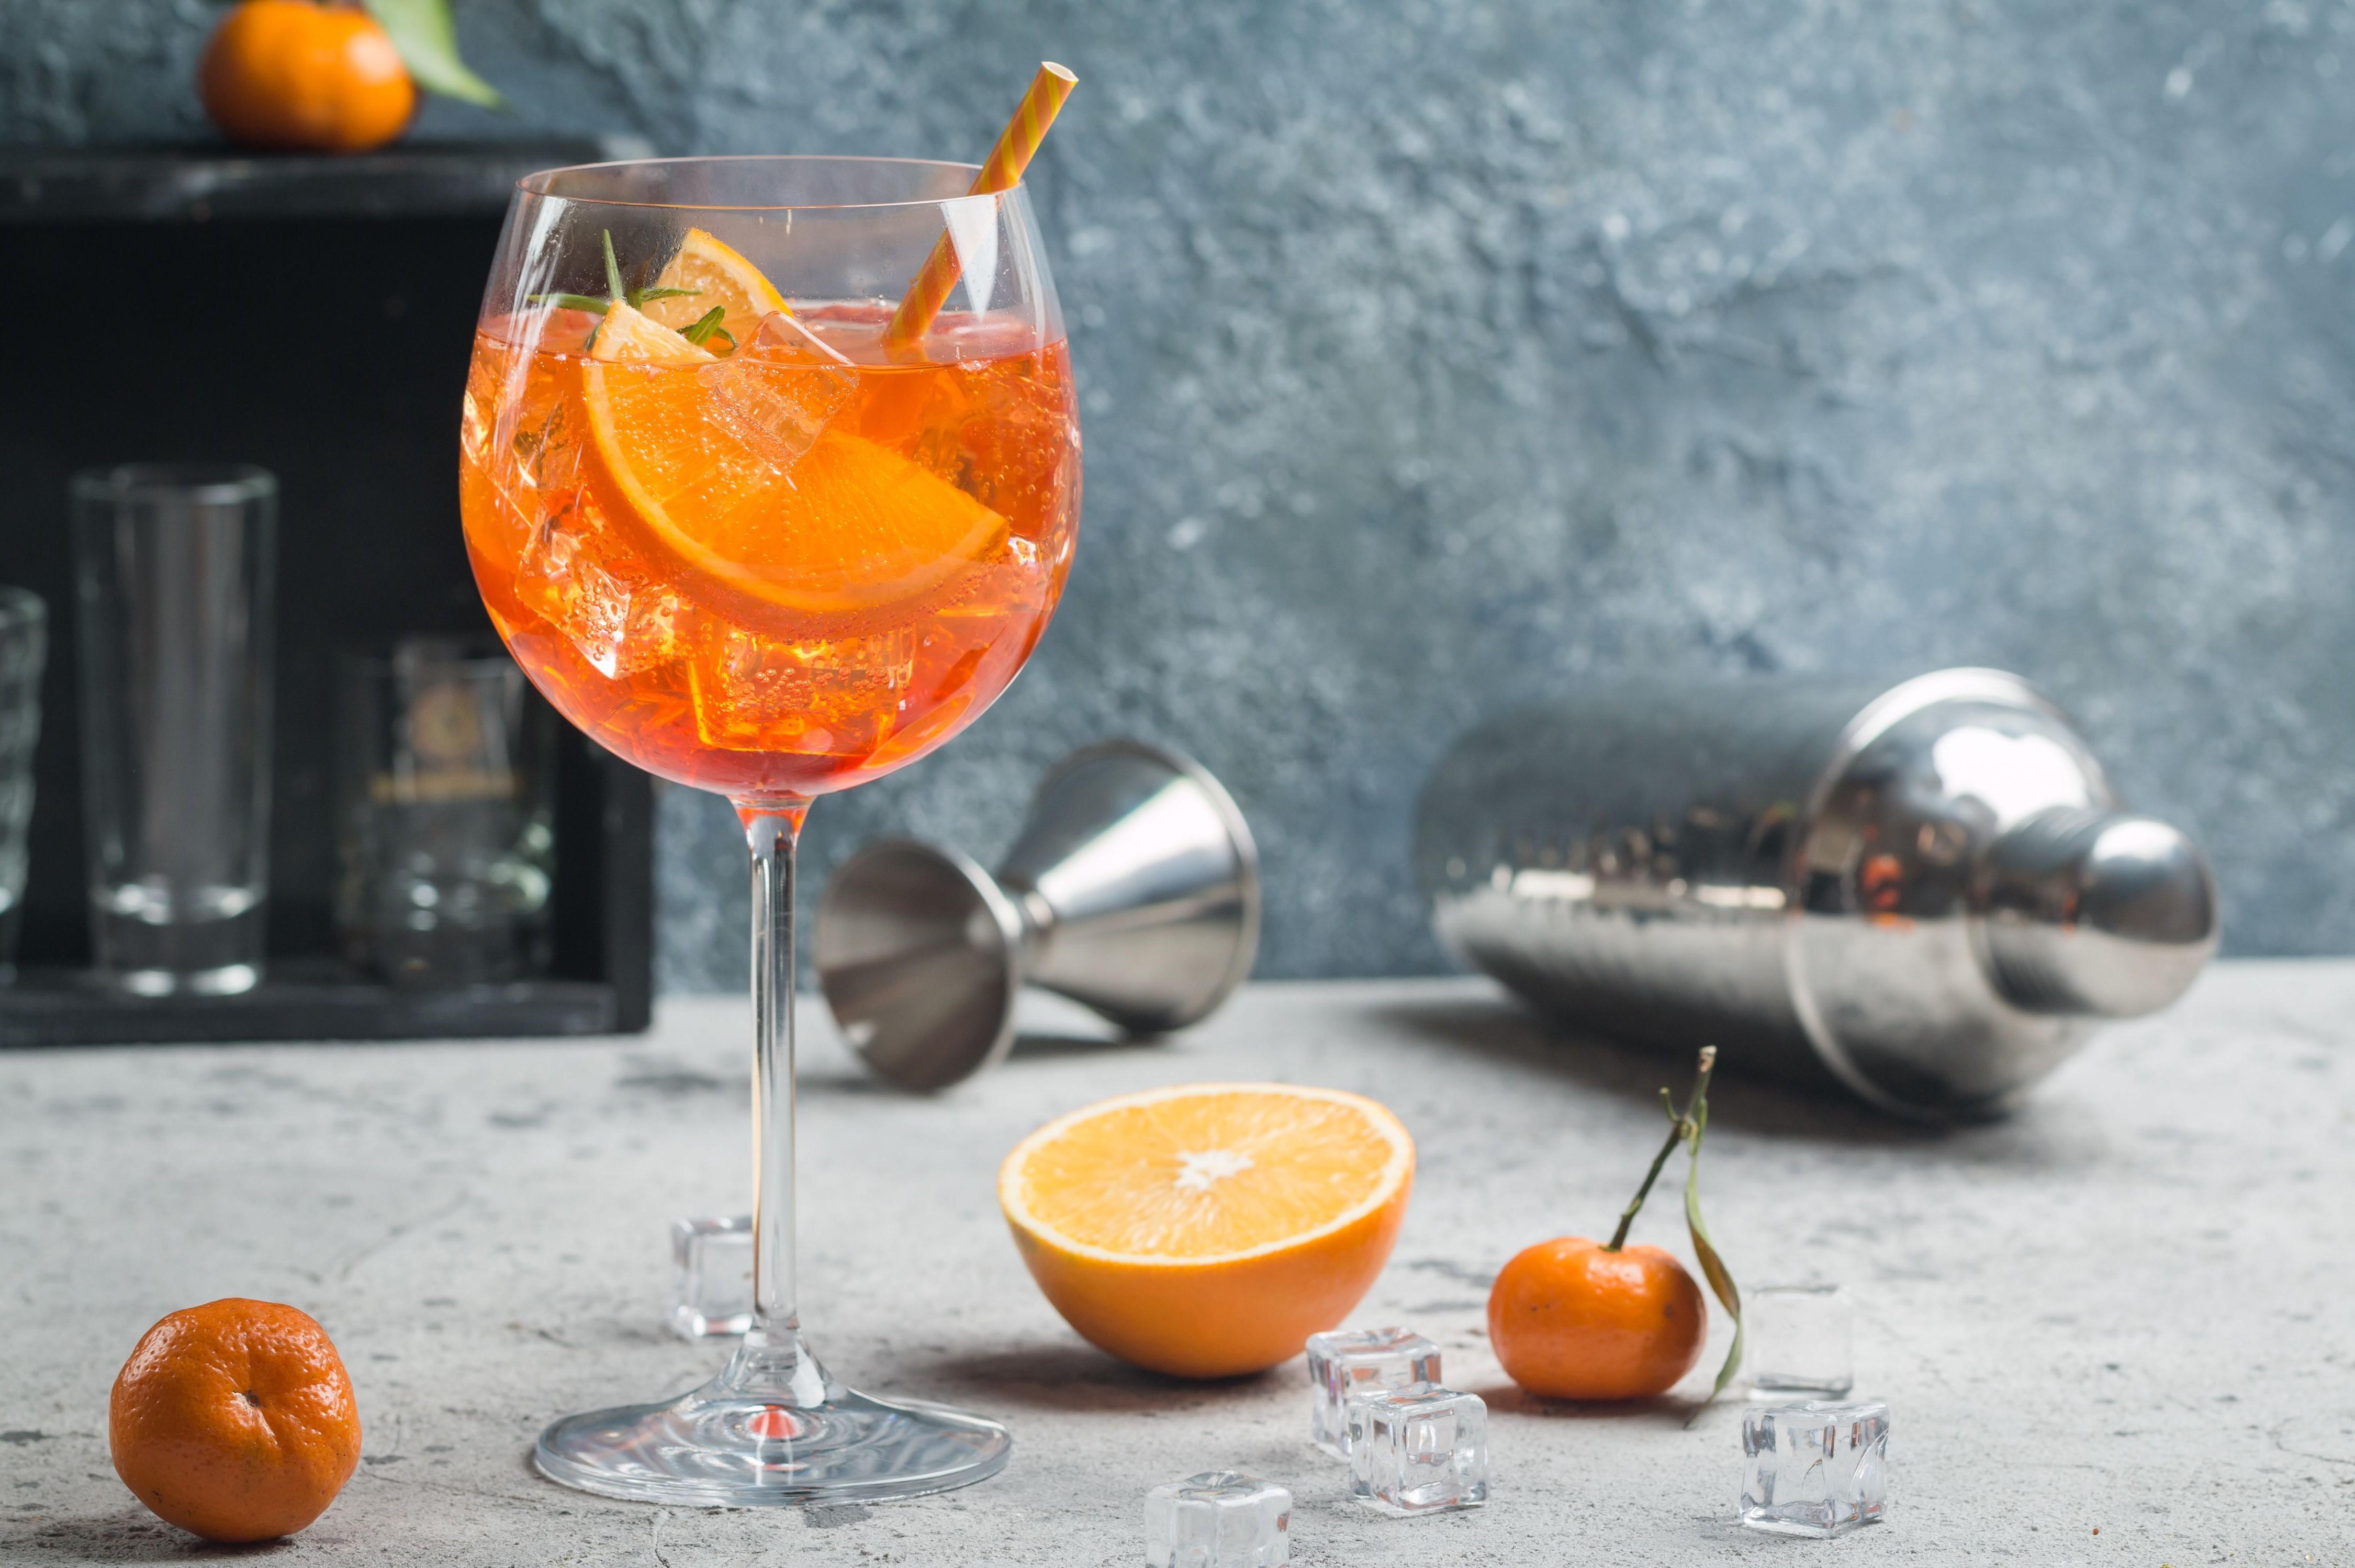 Si vous souhaitez presser vos propres oranges, faites-les à l'avance pour pouvoir les refroidir avant de les utiliser.